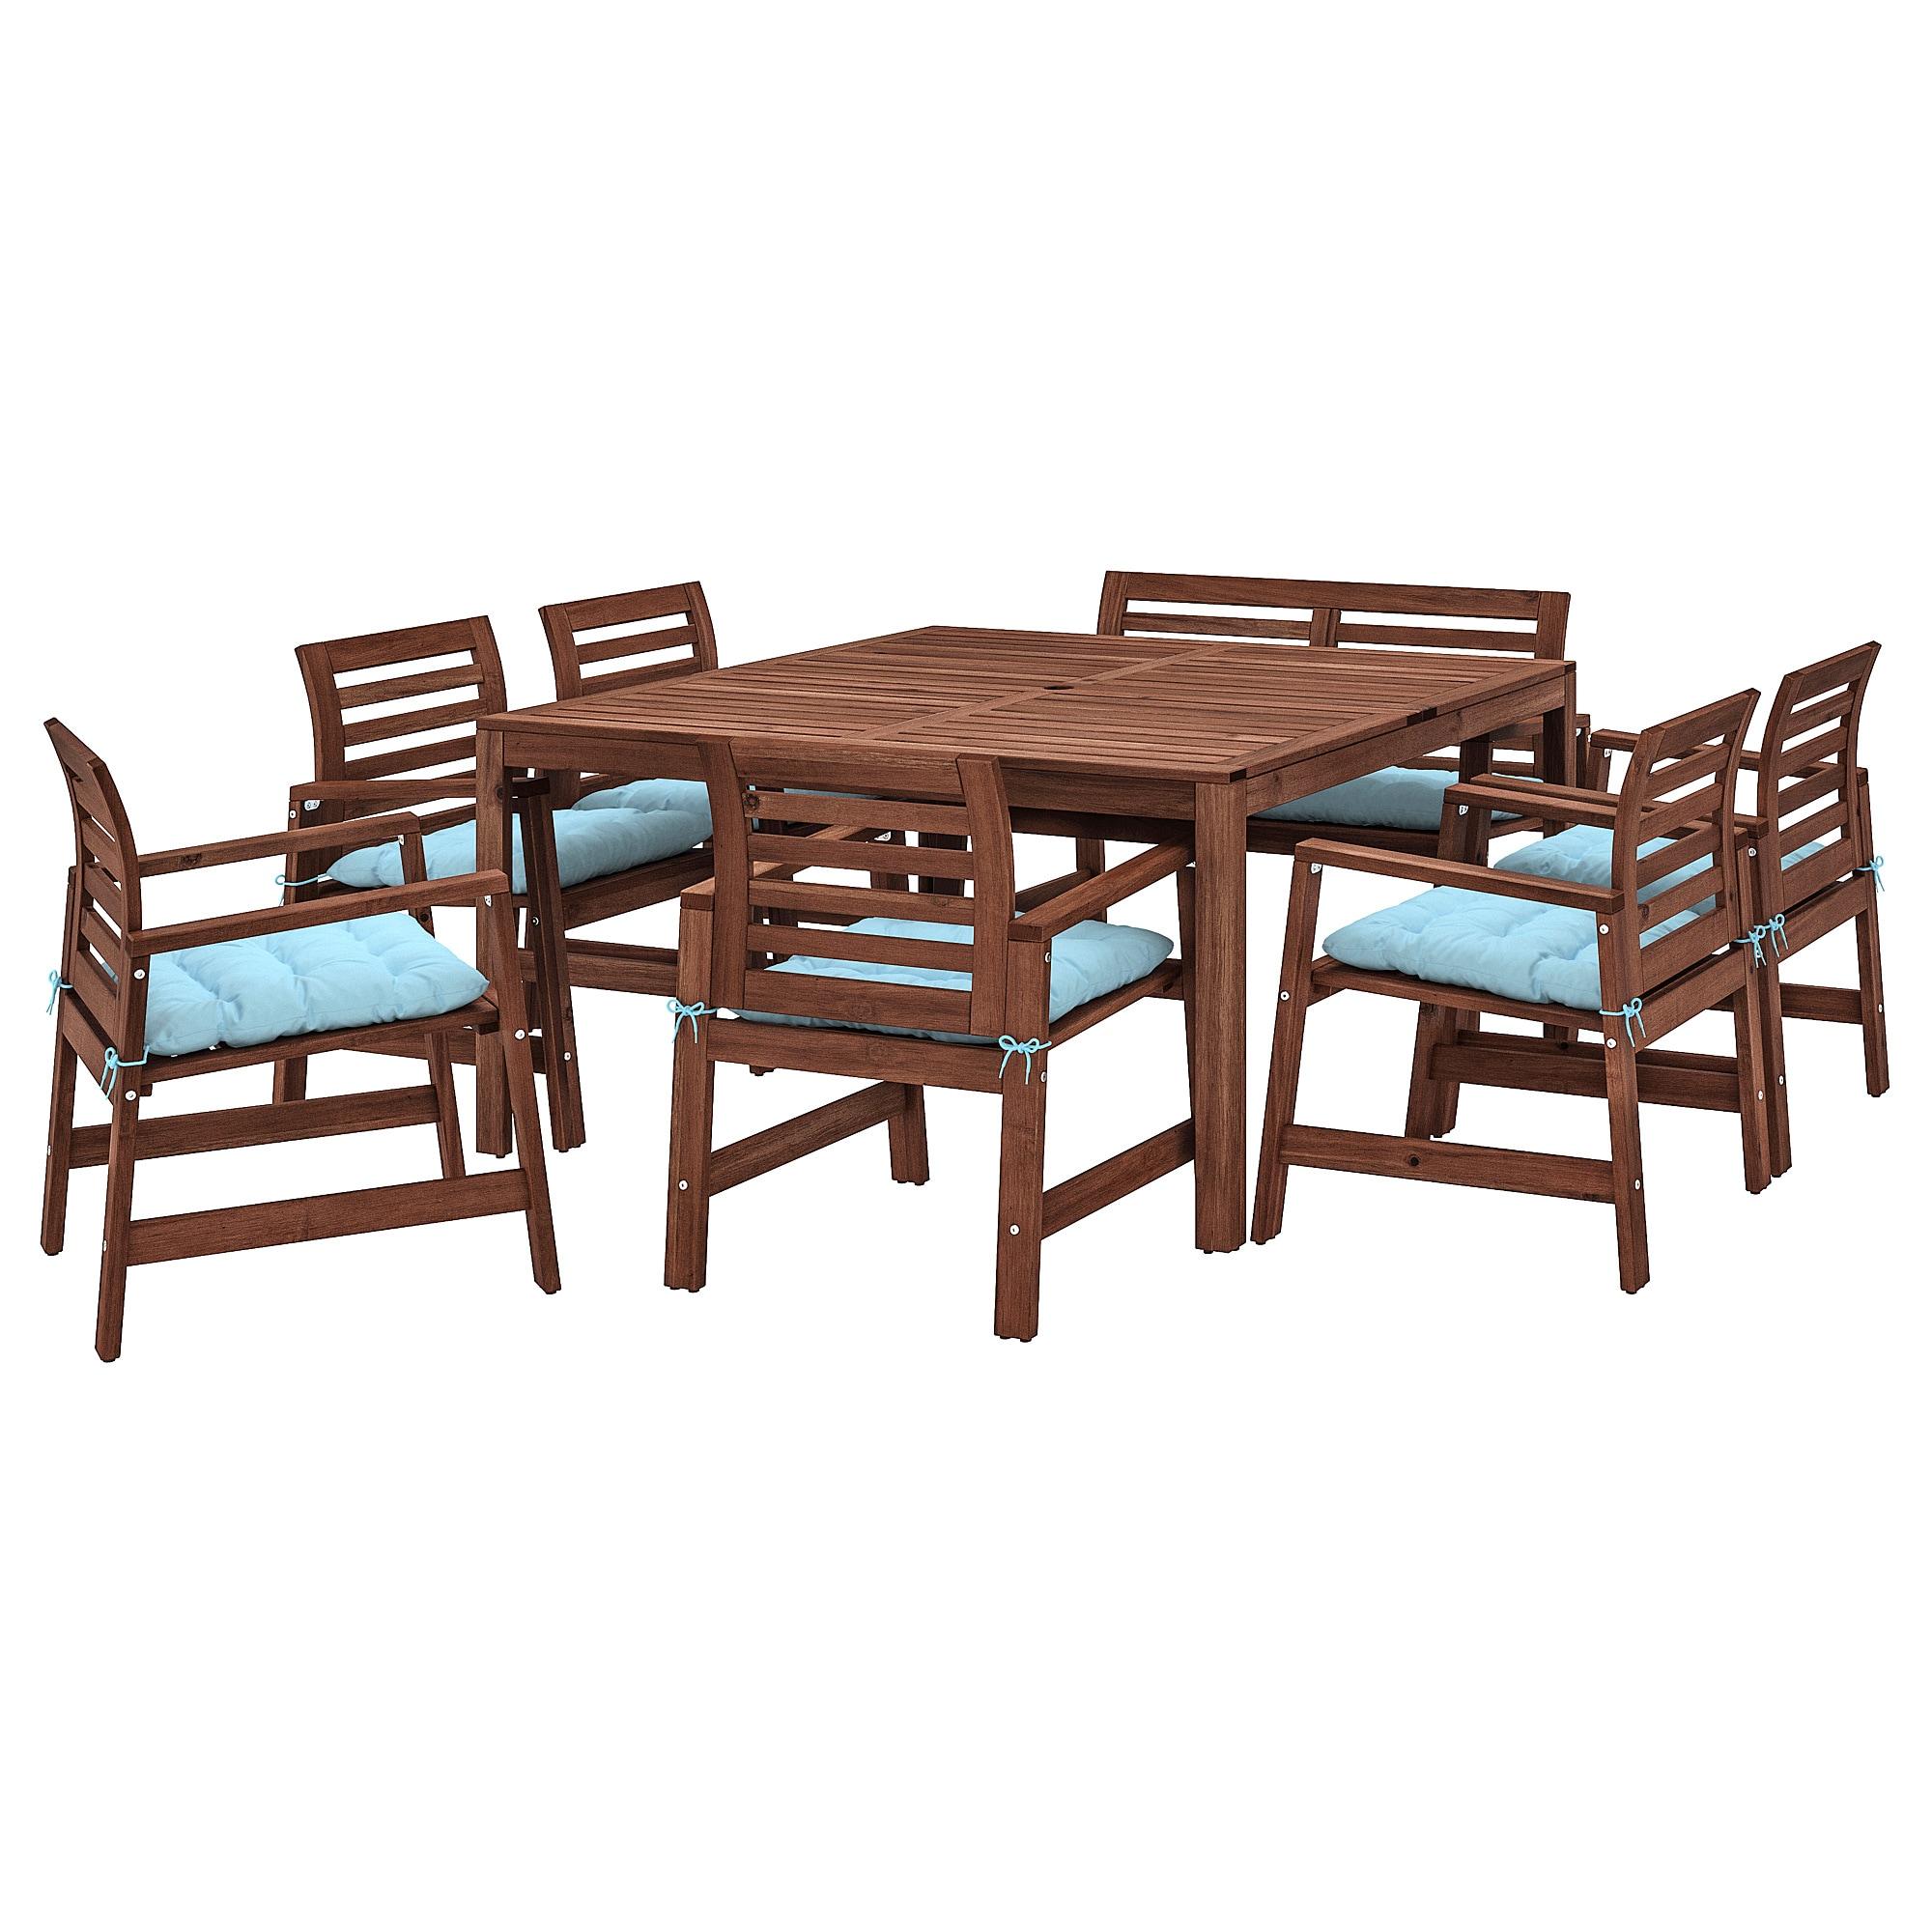 Applaro Tisch 6 Armlehnstuhle Bank Aussen Braun Las Kuddarna